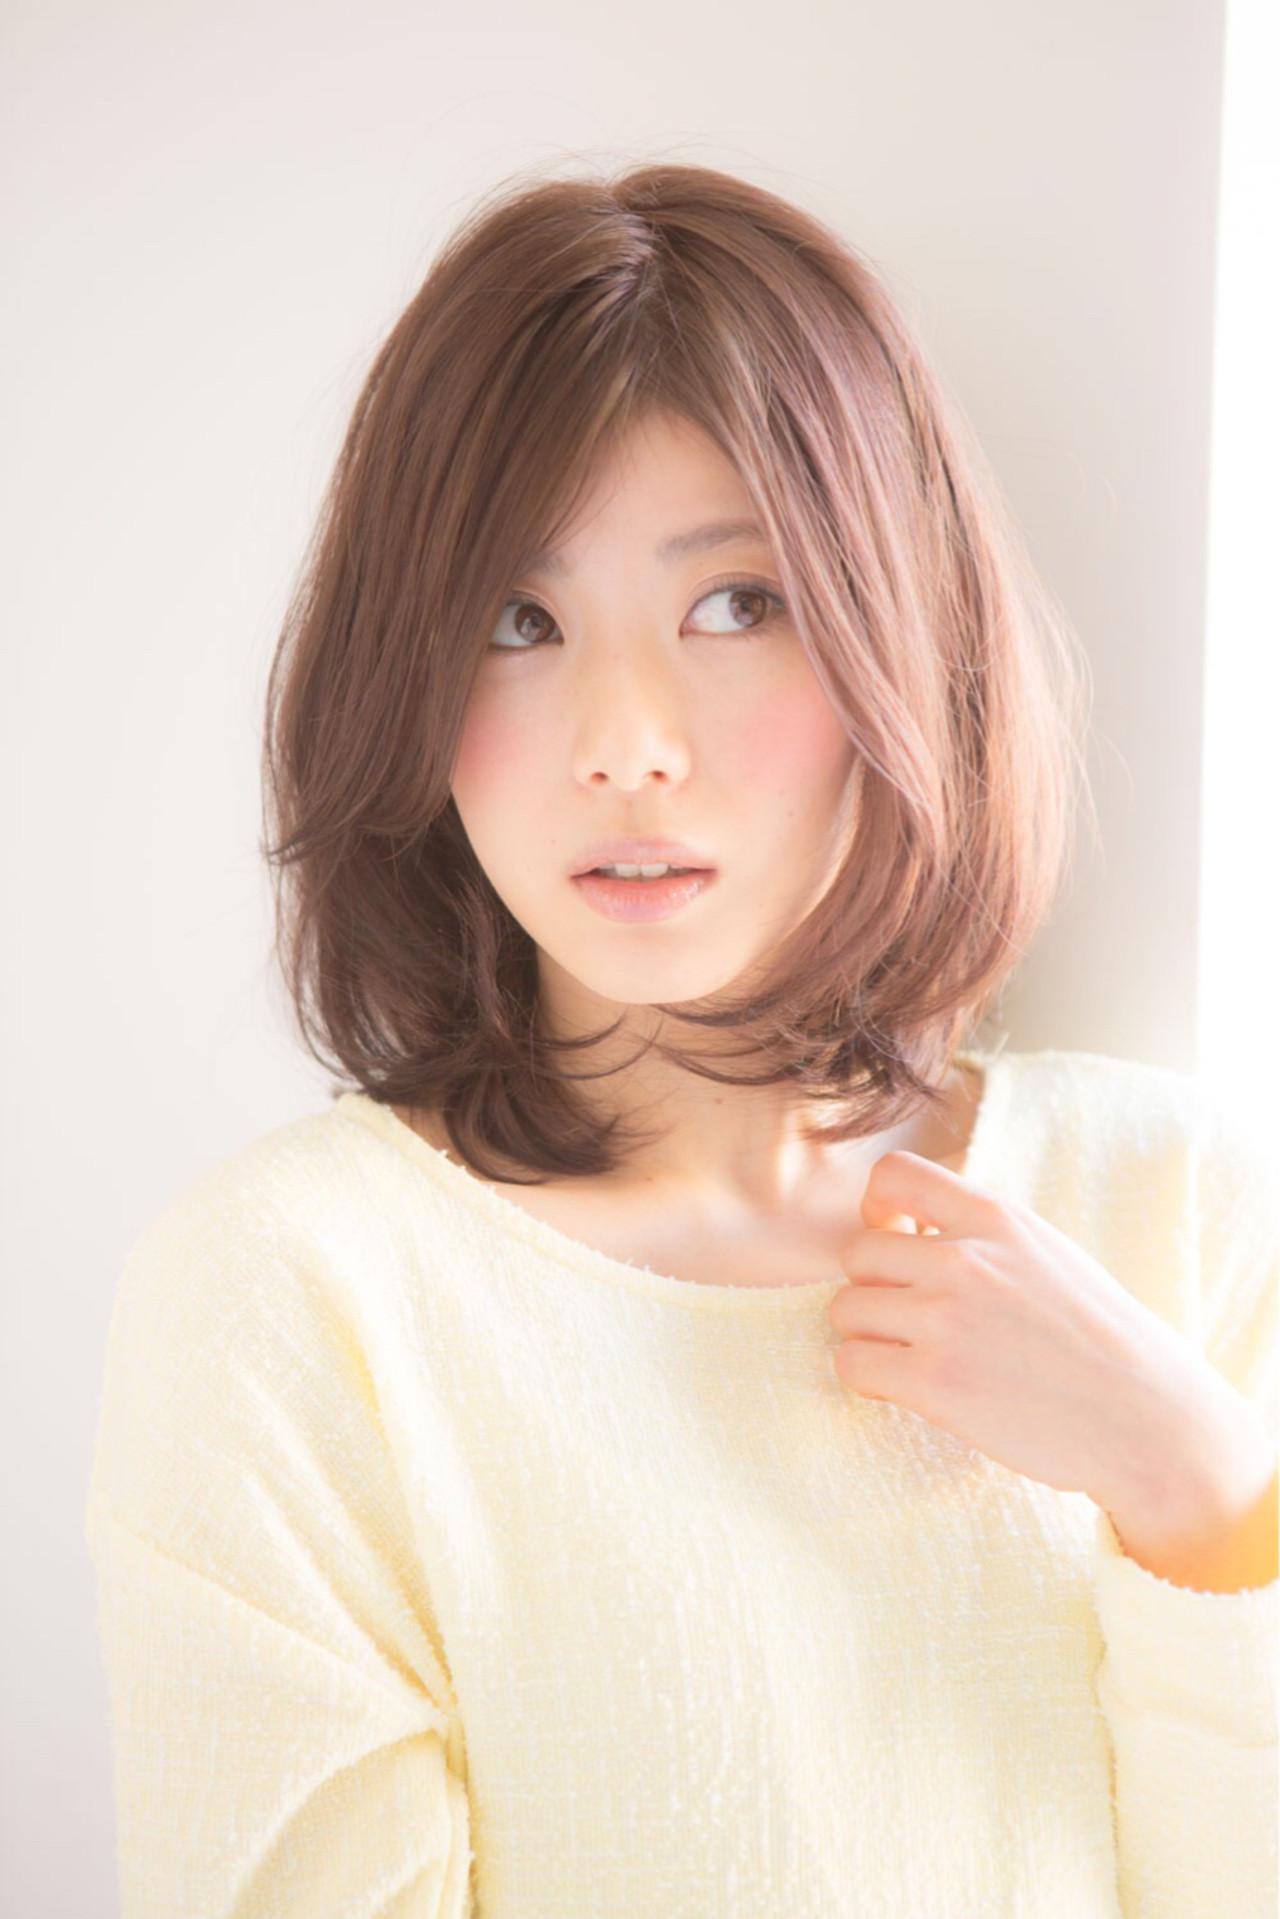 色気 ナチュラル ヘアアレンジ ミディアム ヘアスタイルや髪型の写真・画像 | 松下哲士 / GARDEN aoyama